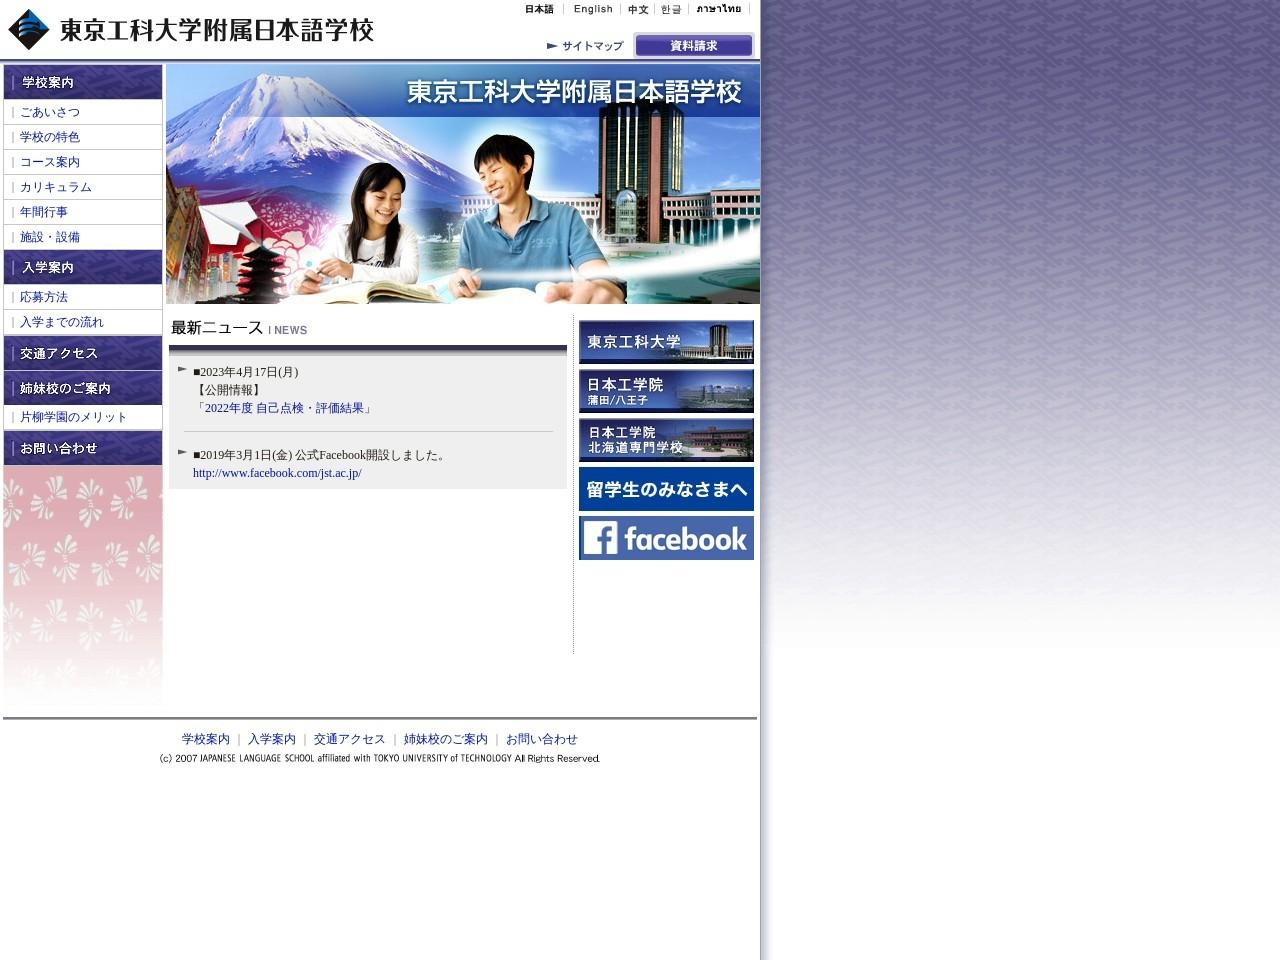 東京工科大学附属日本語学校